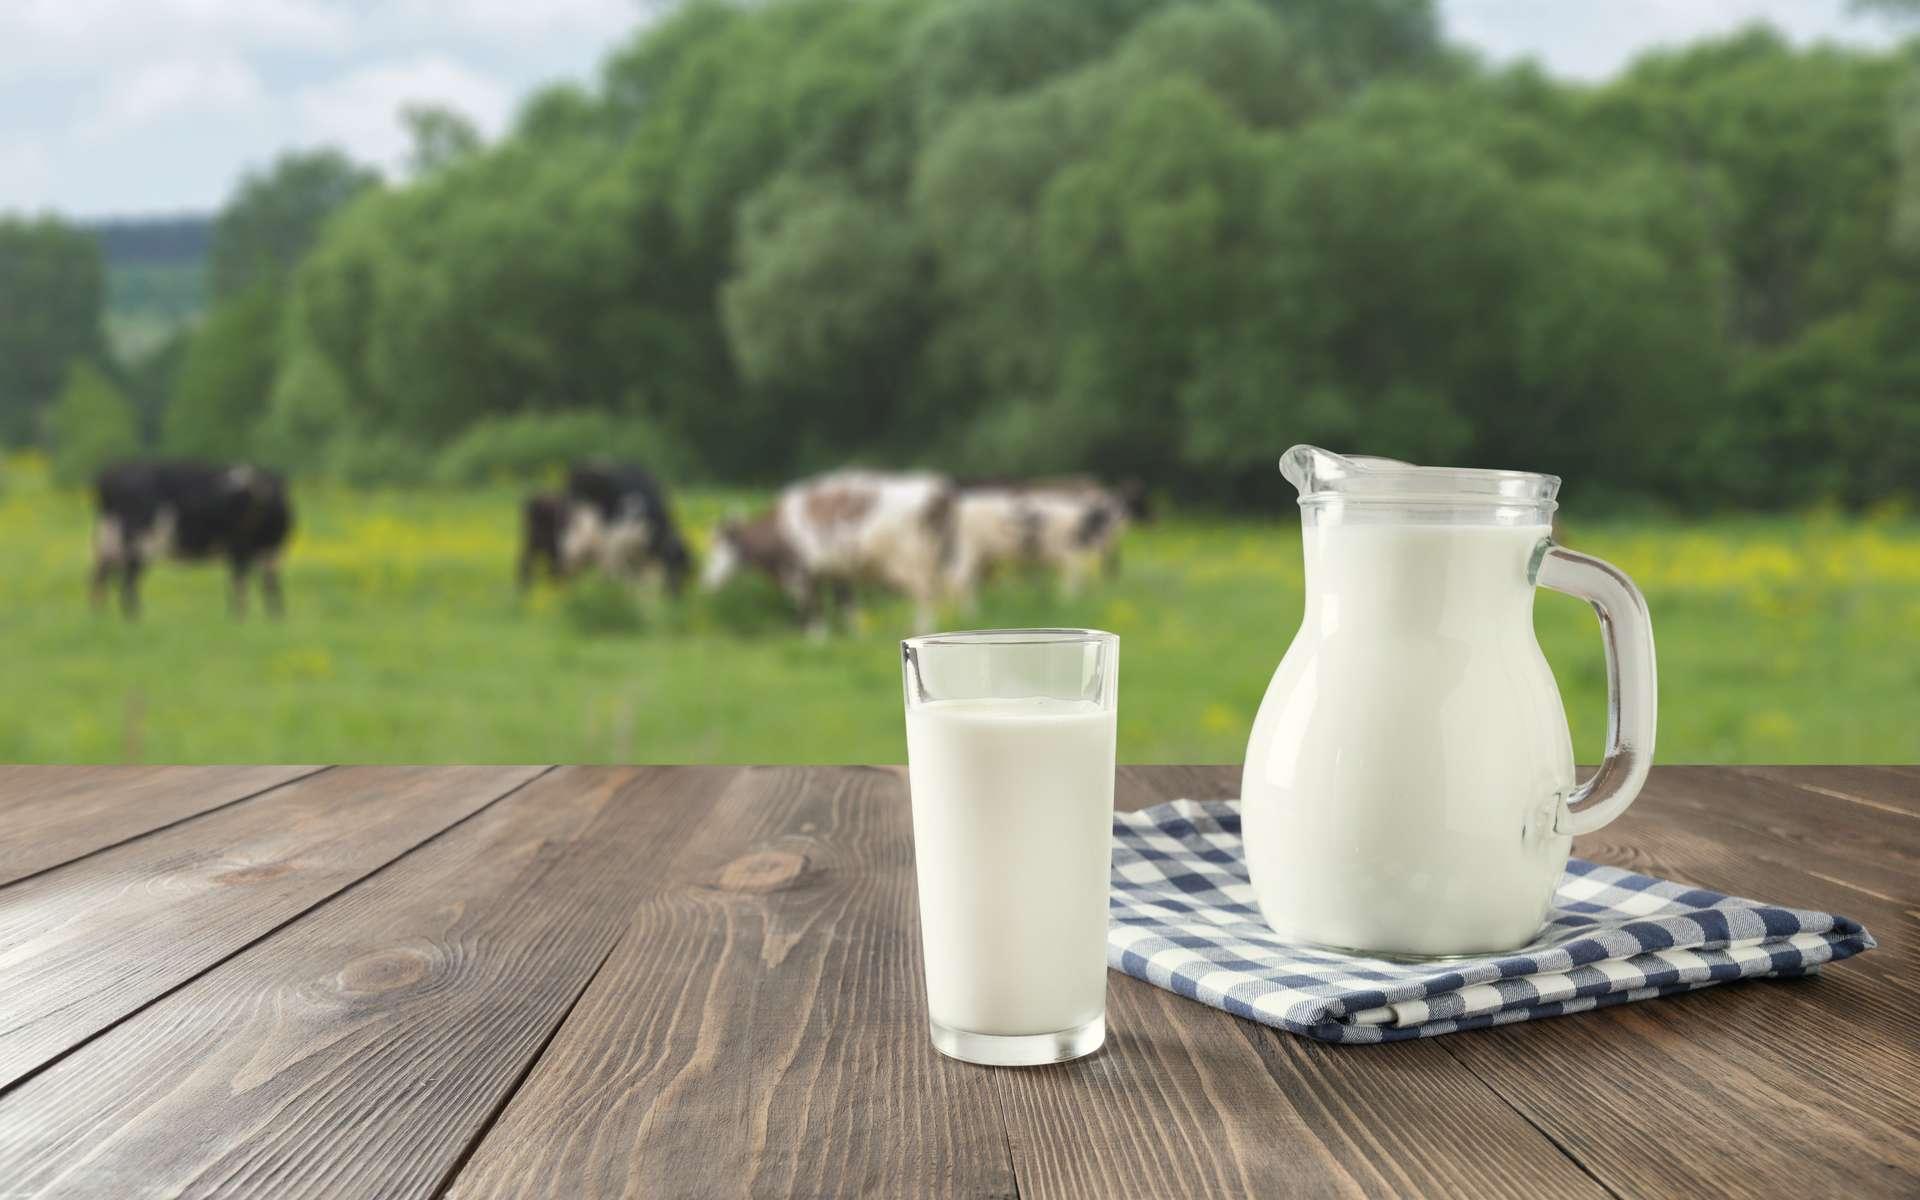 La consommation de lait de vache n'est pas associée à une incidence plus élevée de cancer du sein. © svetlana_cherruty, Adobe Stock